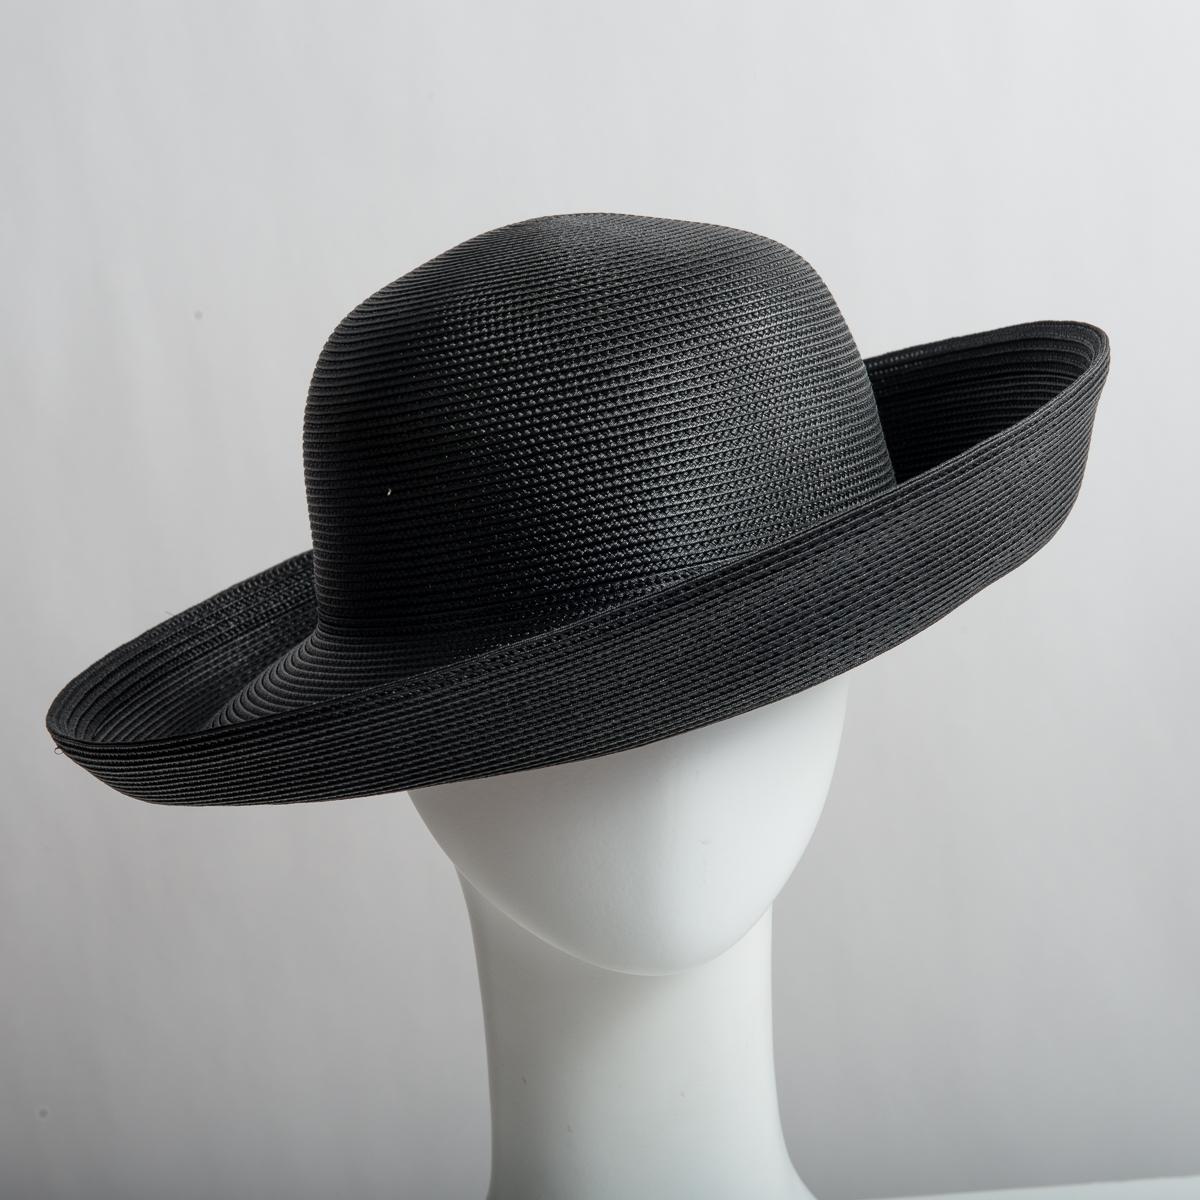 3e41f3df486268 Black Medium Brim 100% Polypropylene Plain Hats-NC88R-0-05- Sun Yorkos |  Zoria